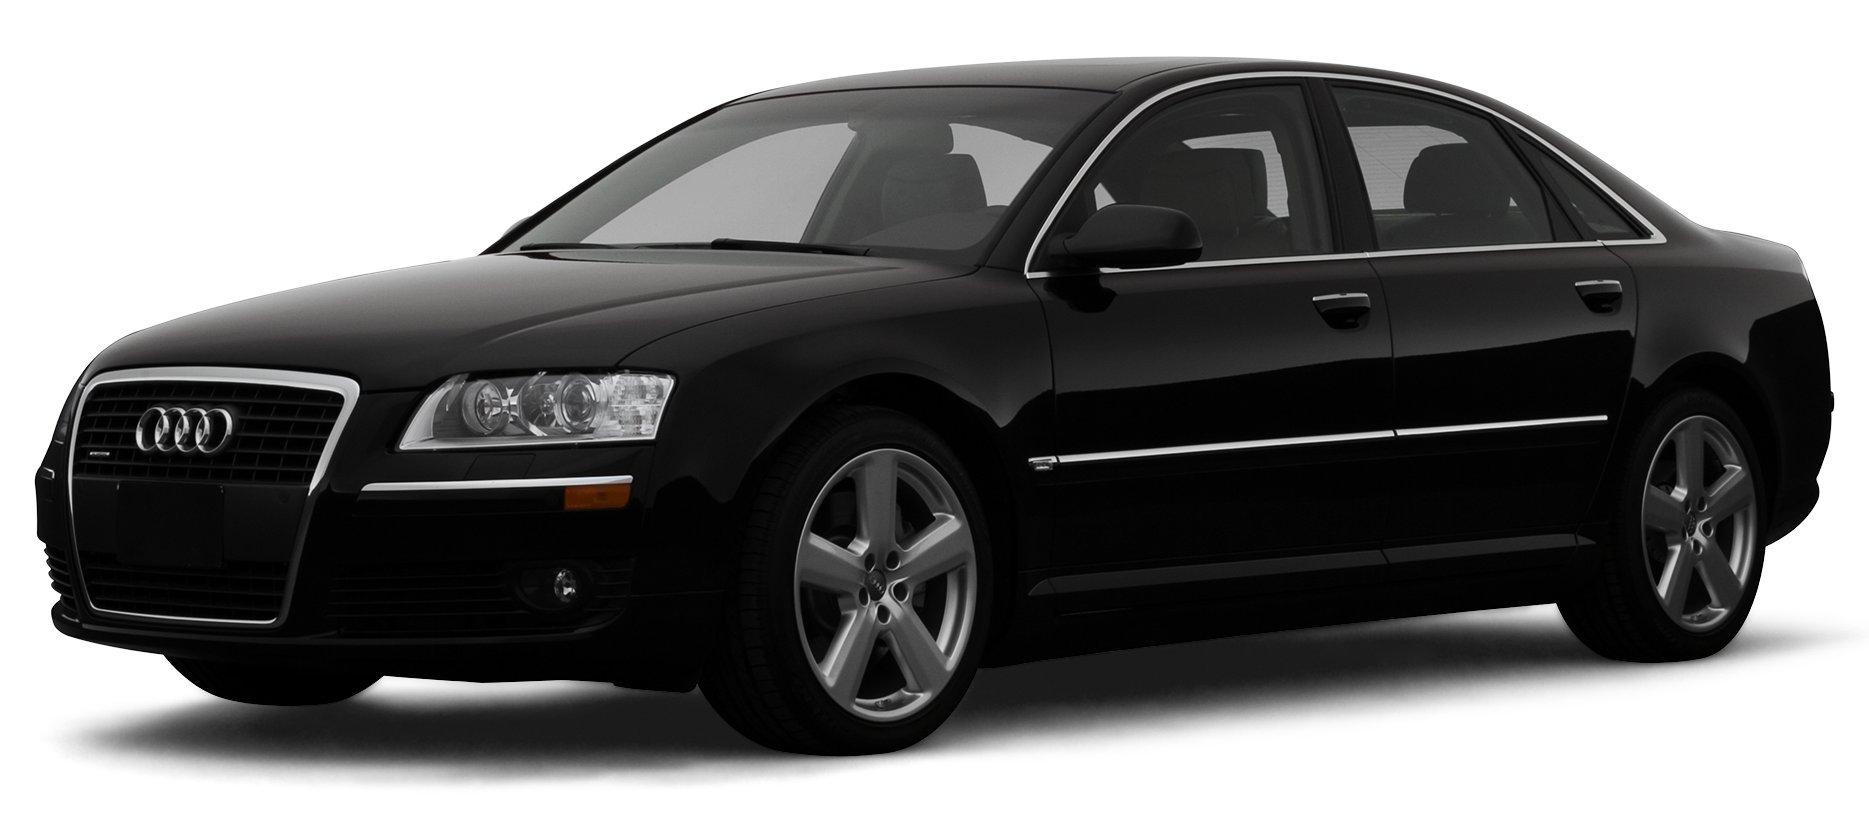 Kelebihan Kekurangan Audi A8 2007 Spesifikasi